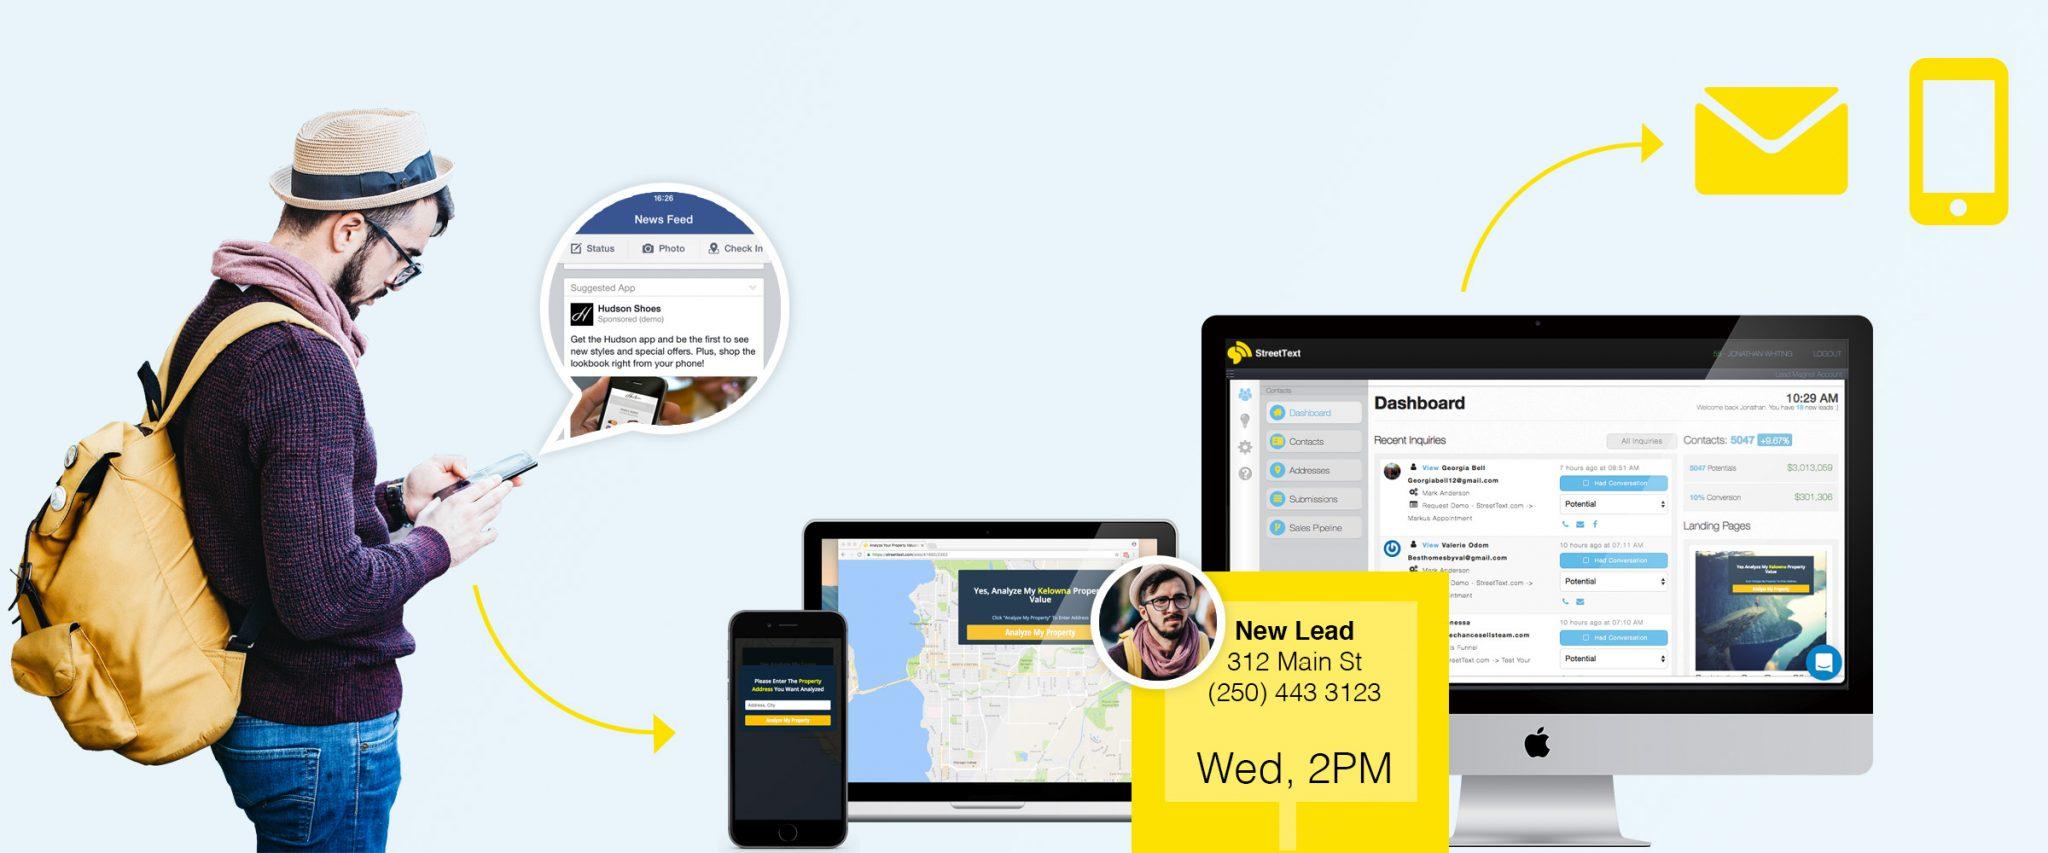 Run Facebook lead capture on StreetText